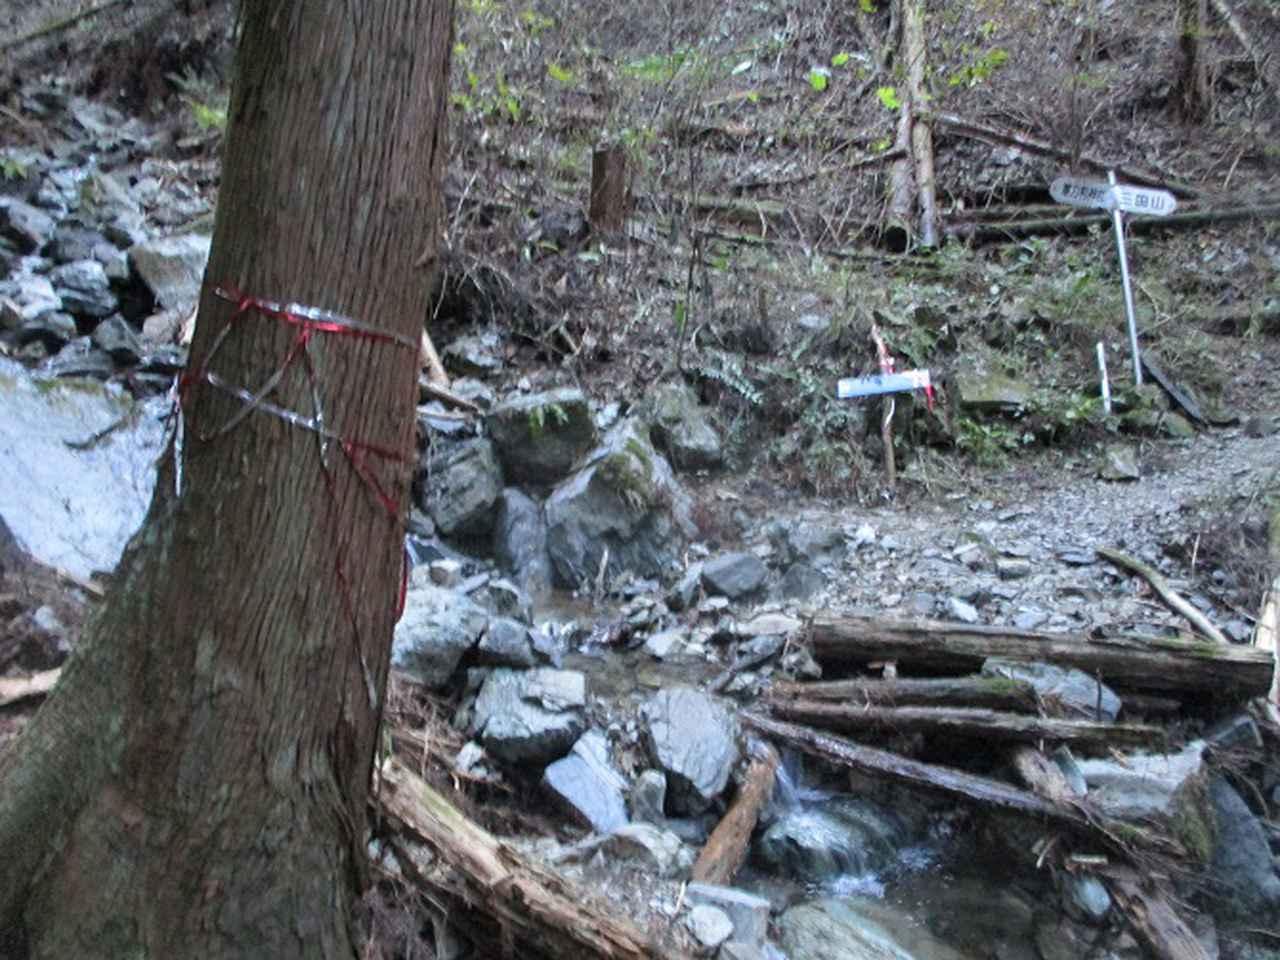 画像3: 12月の山旅会 生藤山 ツアーの下見に行ってきました!